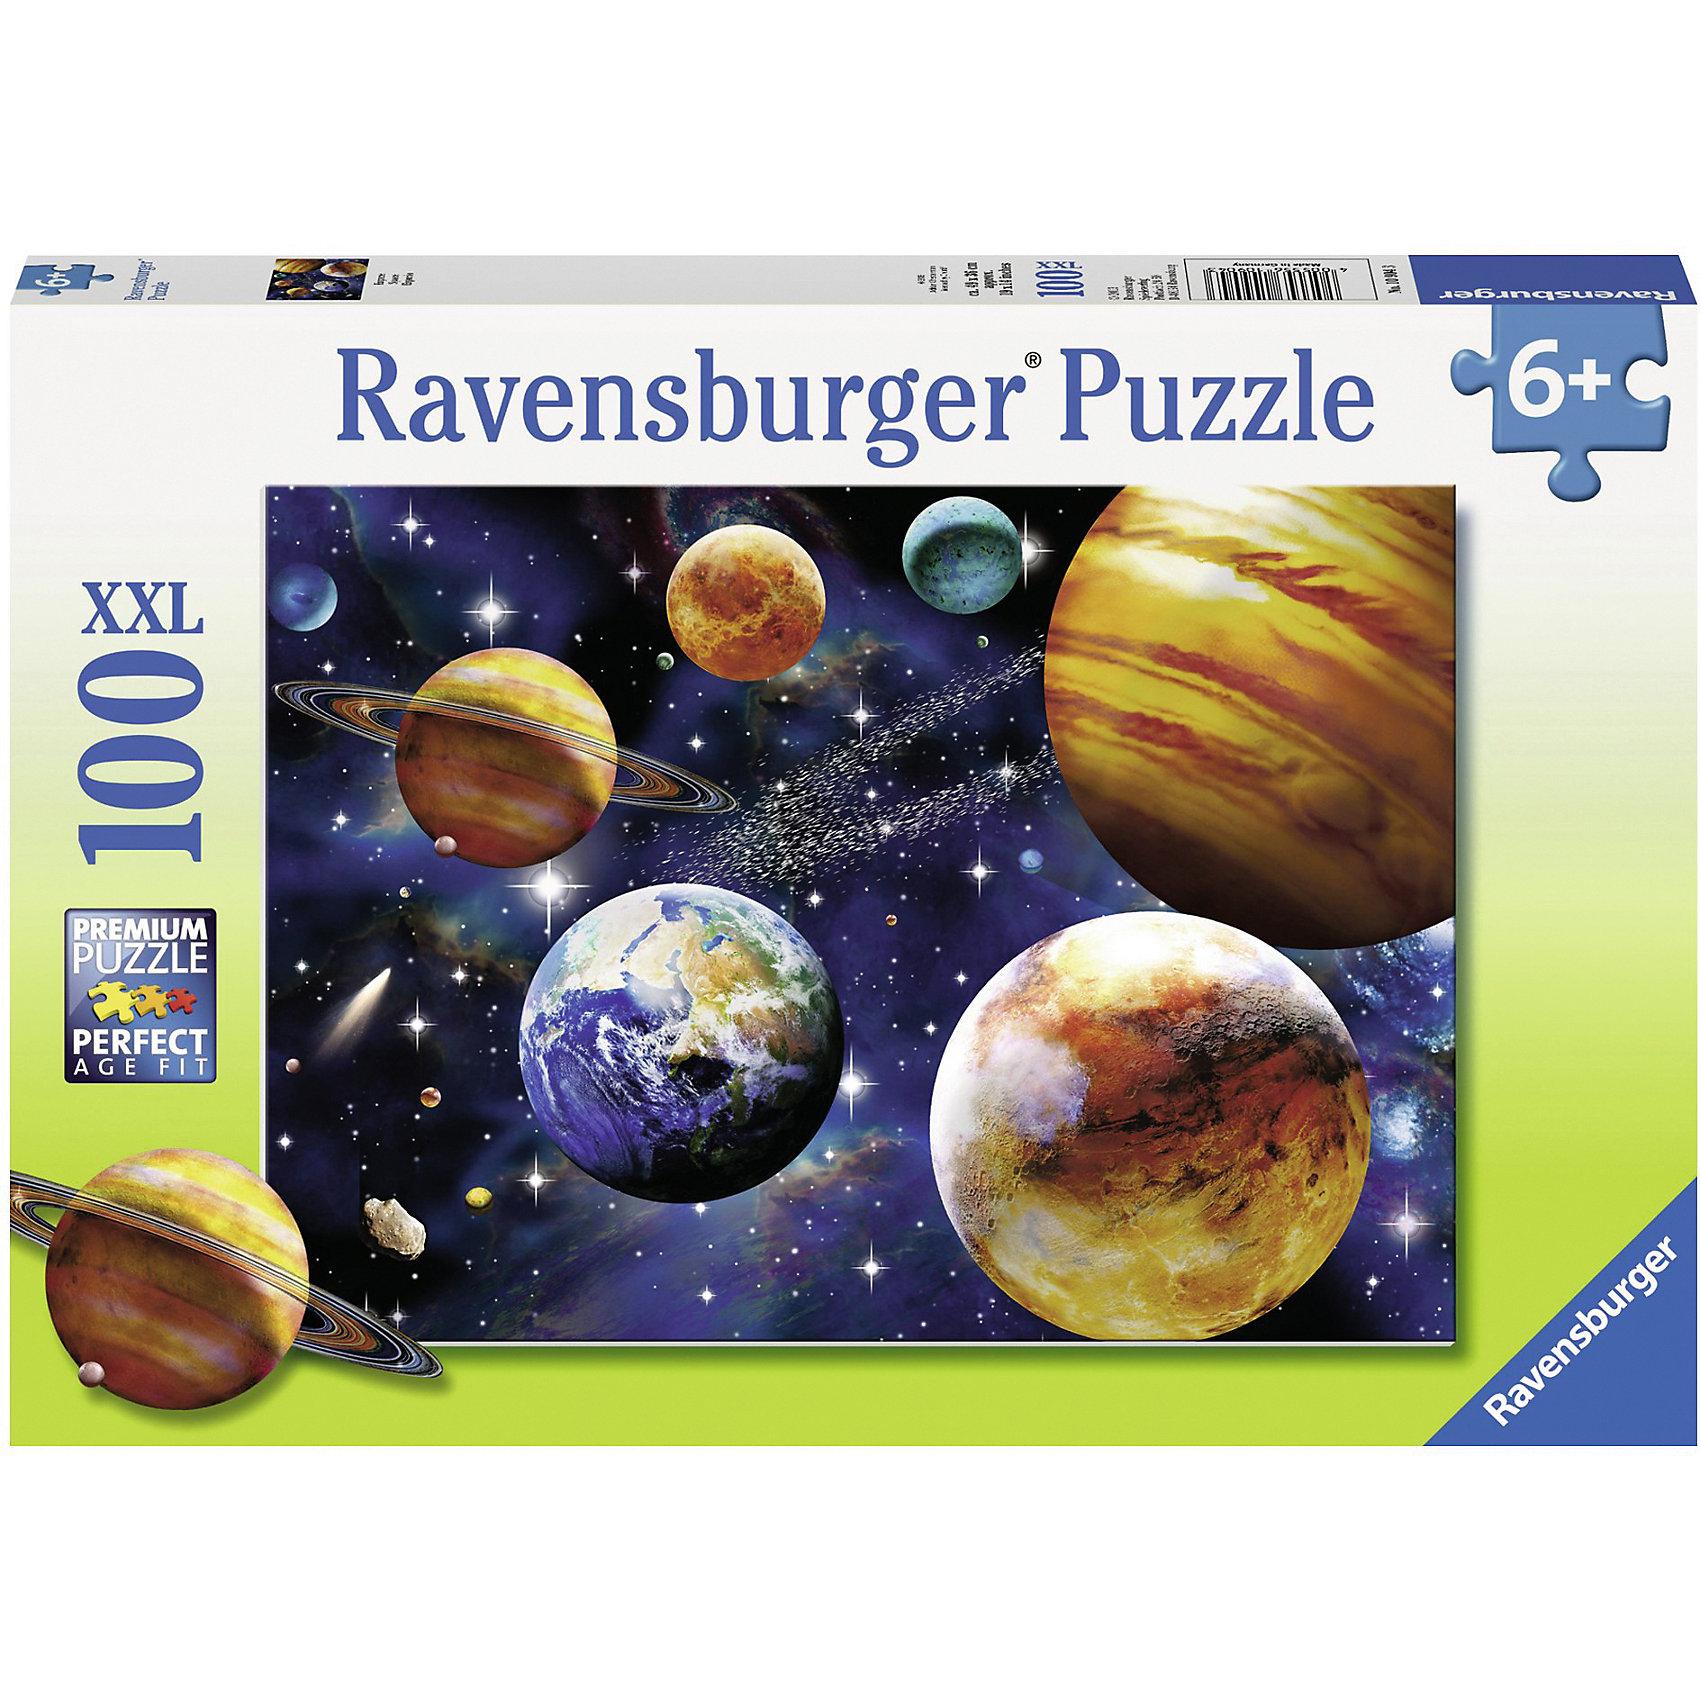 Пазл «Парад планет»XXL 100 деталей, RavensburgerПазлы для малышей<br>Пазл «Парад планет»XXL 100 деталей, Ravensburger (Равенсбургер) – увлекательное времяпрепровождение для Вашего ребенка!<br>Пазл Ravensburger Парад планет, без сомнения, придется по душе вашему ребенку. Собрав этот пазл, он получит великолепную картину с изображением планет. Собирая картинку, ребенок развивает логическое мышление, воображение, мелкую моторику и умение принимать самостоятельные решения. Пазлы Ravensburger неповторимы и уникальны тем, что для их изготовления используется картон наивысшего класса, благодаря которому сложенные головоломки не сгибаются, сам картон не отделяется от картинки, а сложенная картинка представляется абсолютно плоской и не деформируется даже спустя время. Прочные детали не ломаются. Каждая деталь имеет свою форму и подходит только на своё место. Матовая поверхность исключает неприятные отблески. Изготовлено из экологического сырья.<br><br>Дополнительная информация:<br><br>- Количество деталей: 100<br>- Размер картинки: 36х49 см.<br>- Материал: прочный картон<br>- Размер коробки: 34 x 4 x 23 см.<br><br>Пазл «Парад планет»XXL 100 деталей, Ravensburger (Равенсбургер) можно купить в нашем интернет-магазине.<br><br>Ширина мм: 340<br>Глубина мм: 40<br>Высота мм: 230<br>Вес г: 567<br>Возраст от месяцев: 72<br>Возраст до месяцев: 144<br>Пол: Унисекс<br>Возраст: Детский<br>Количество деталей: 100<br>SKU: 3894980